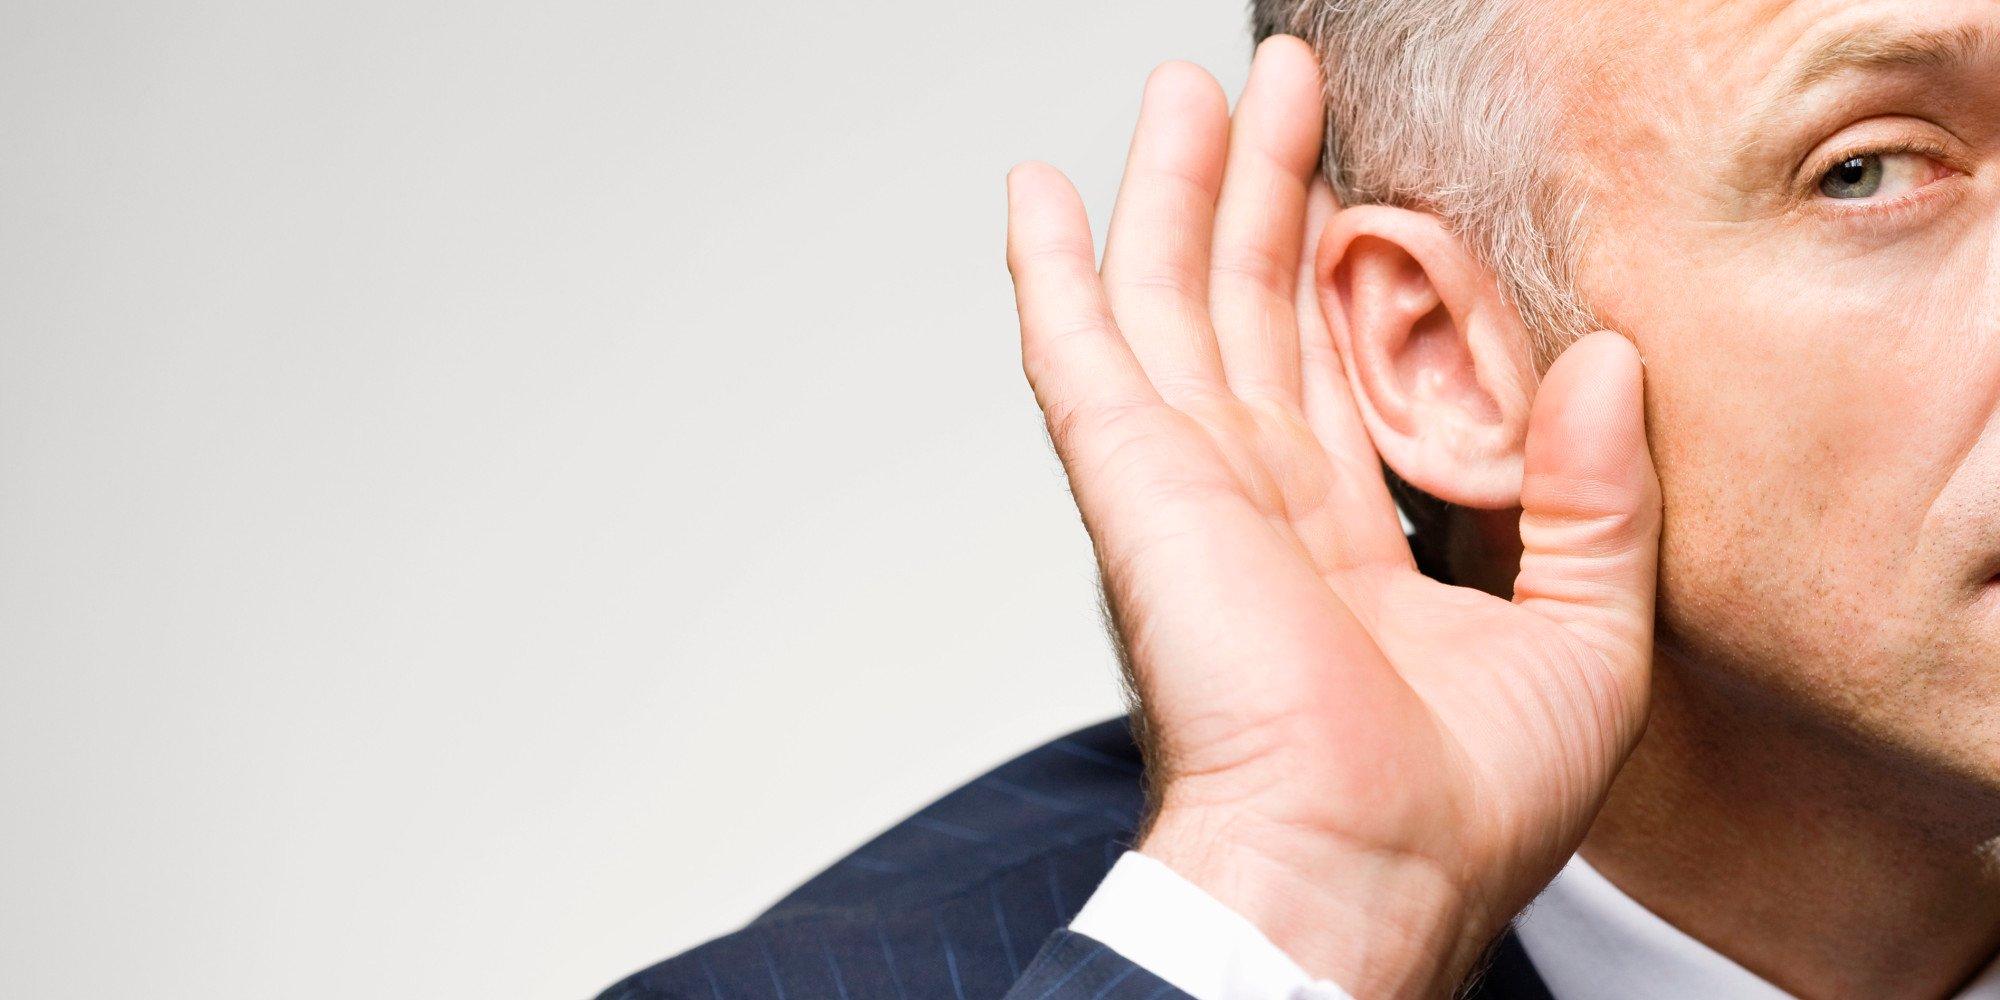 Øk din påvirkningskraft lær å lytte